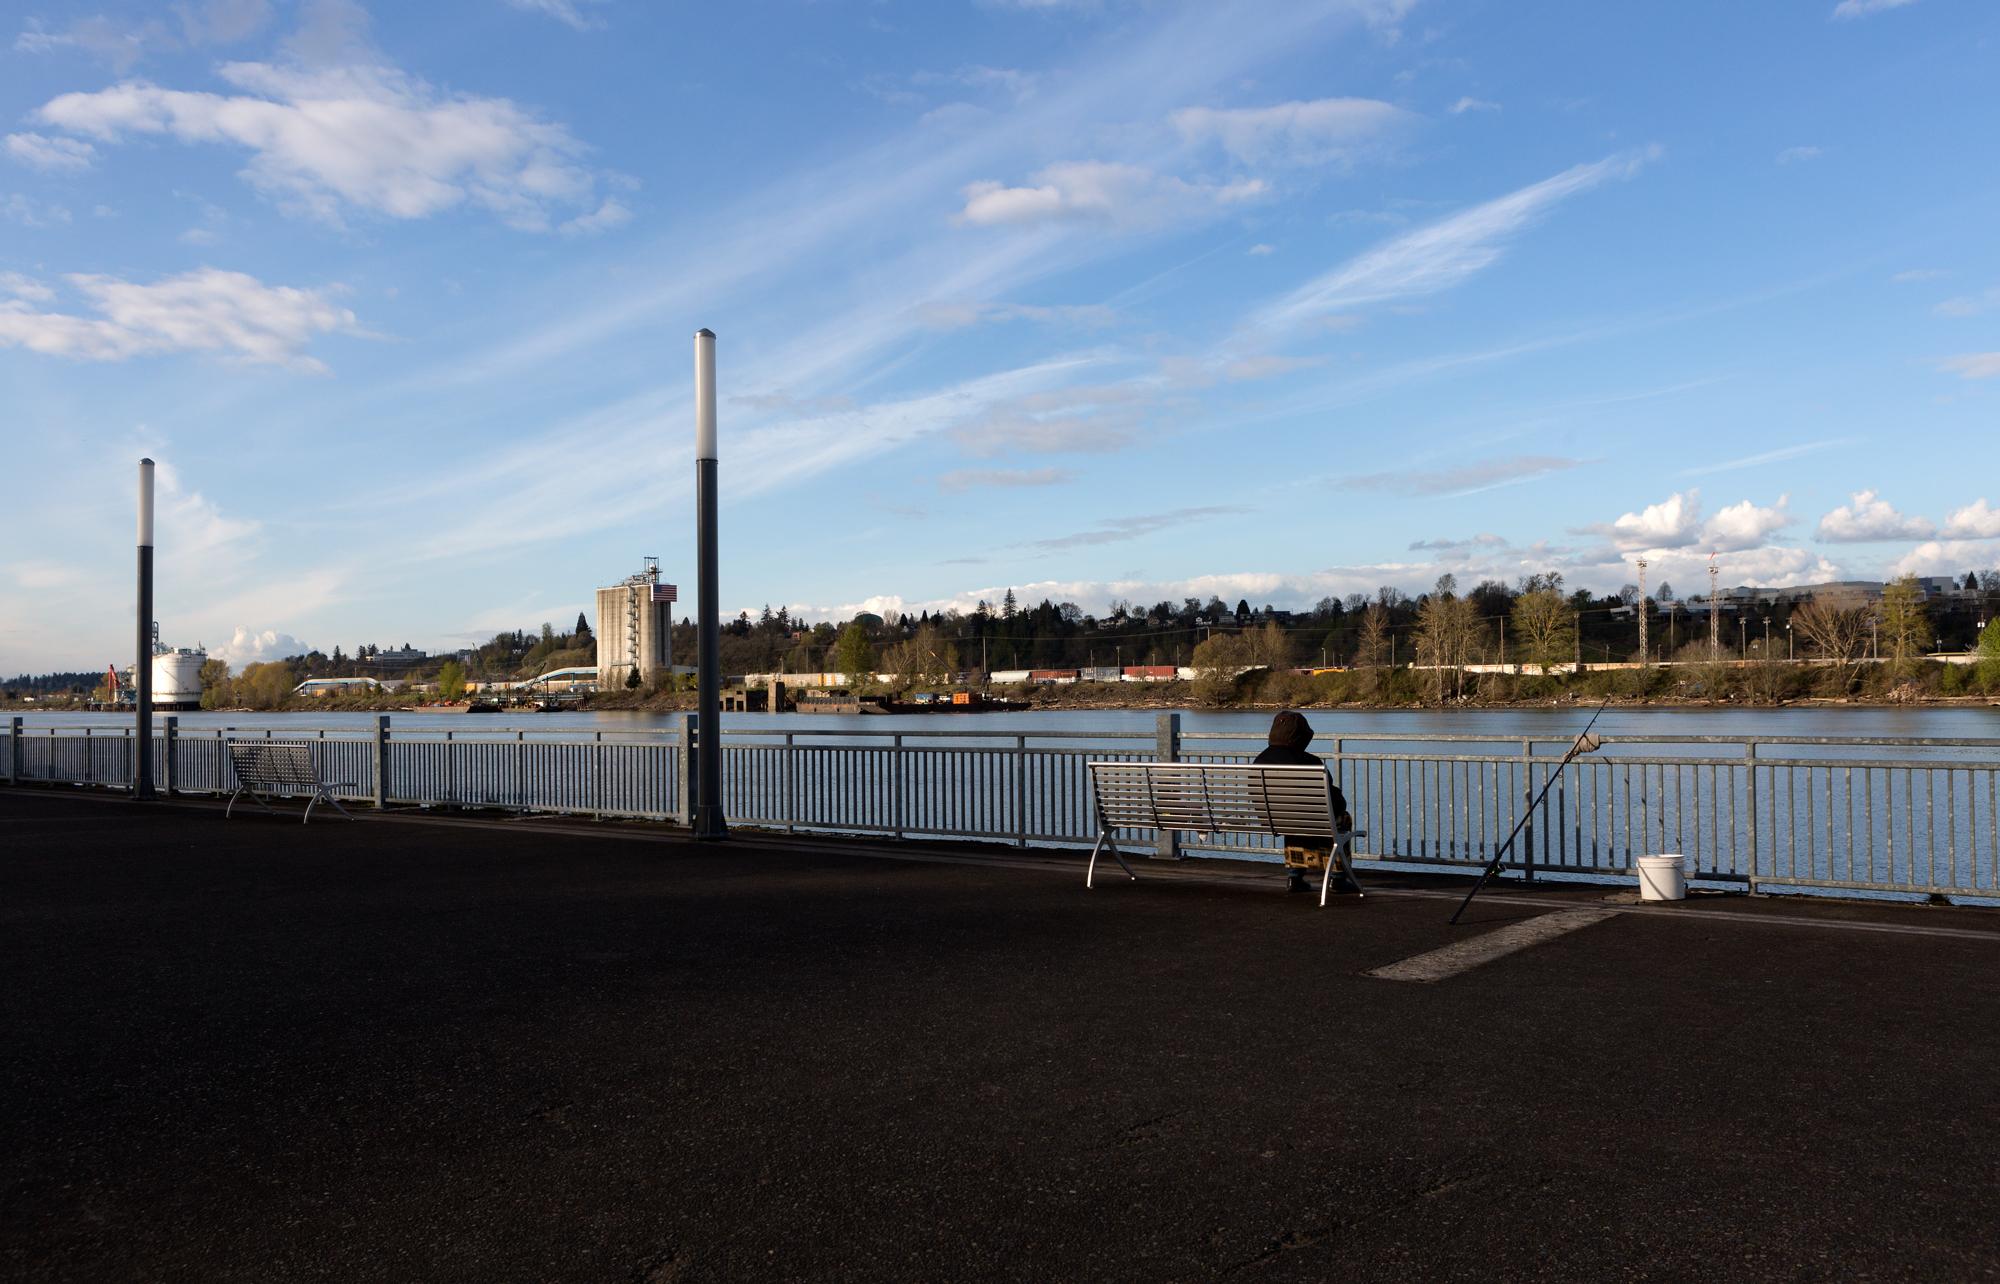 person-fishing-on-westside-of-willamette-river-portland-web-.jpg